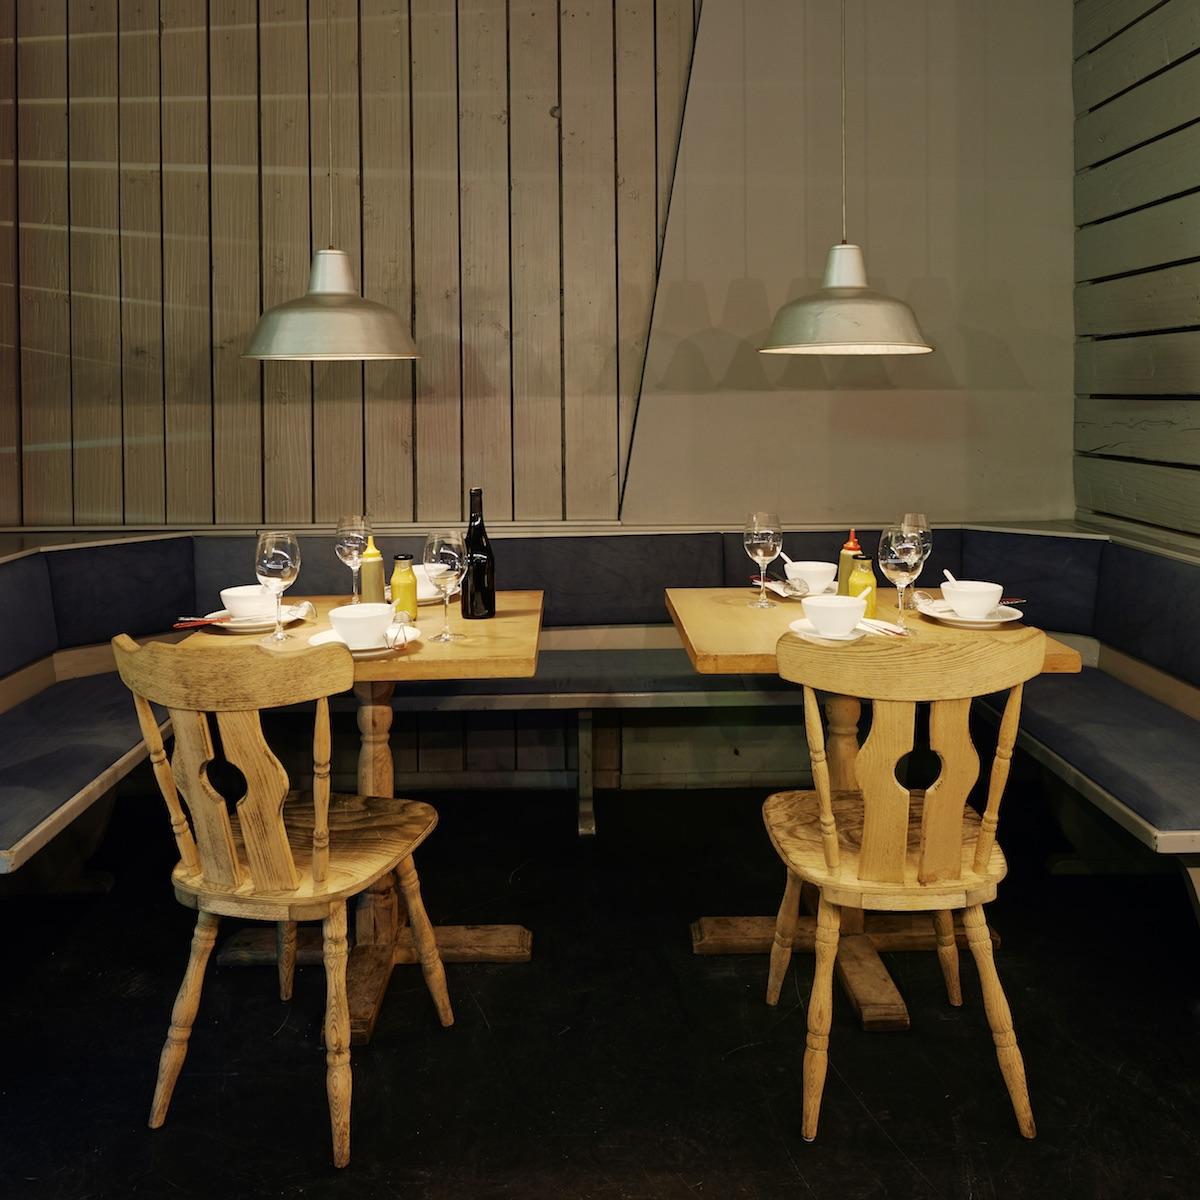 Charlie München_Vietnamesisches Restaurant Giesing_Interieur